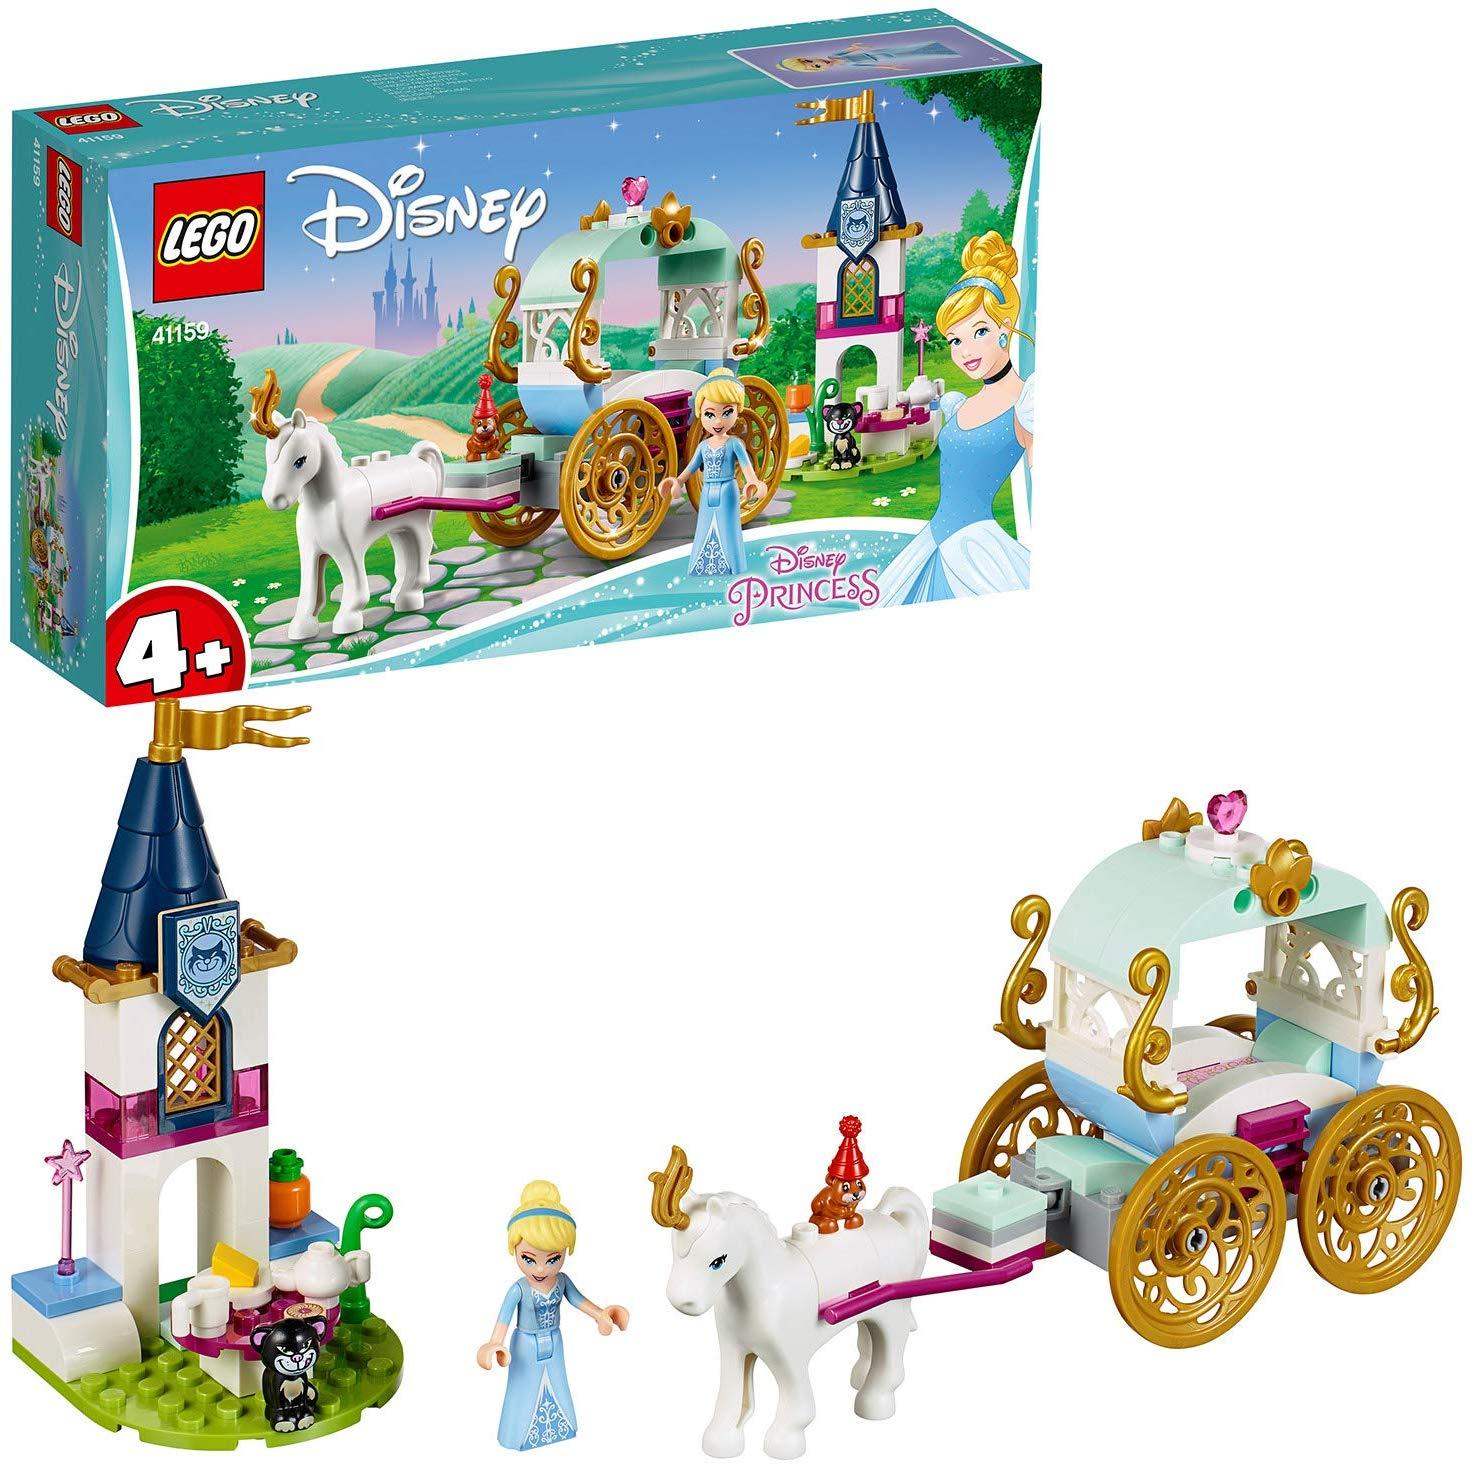 LEGO 41159 Disney Princess Cinderella's Carriage Ride £10 Amazon Prime / +£4.49 non Prime